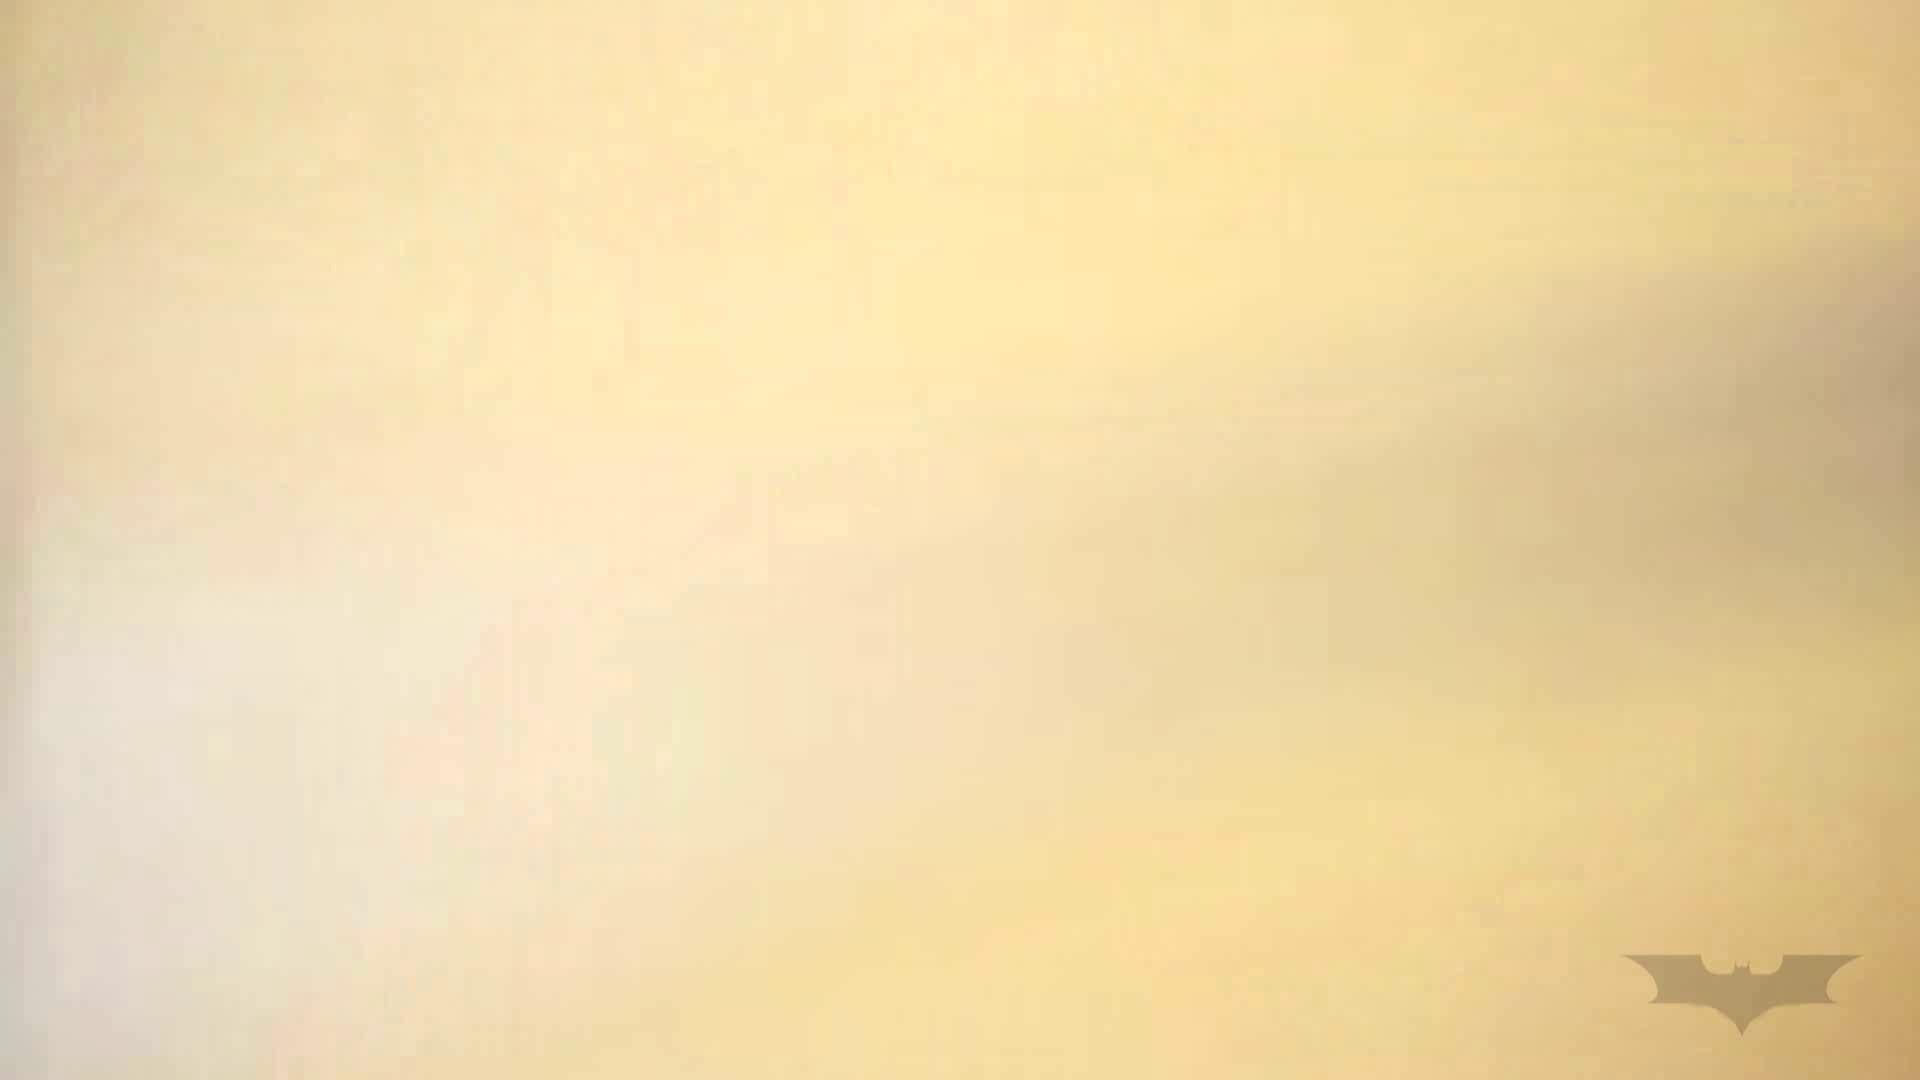 化粧室絵巻 商い場編 VOL.18 高画質  69PIX 61